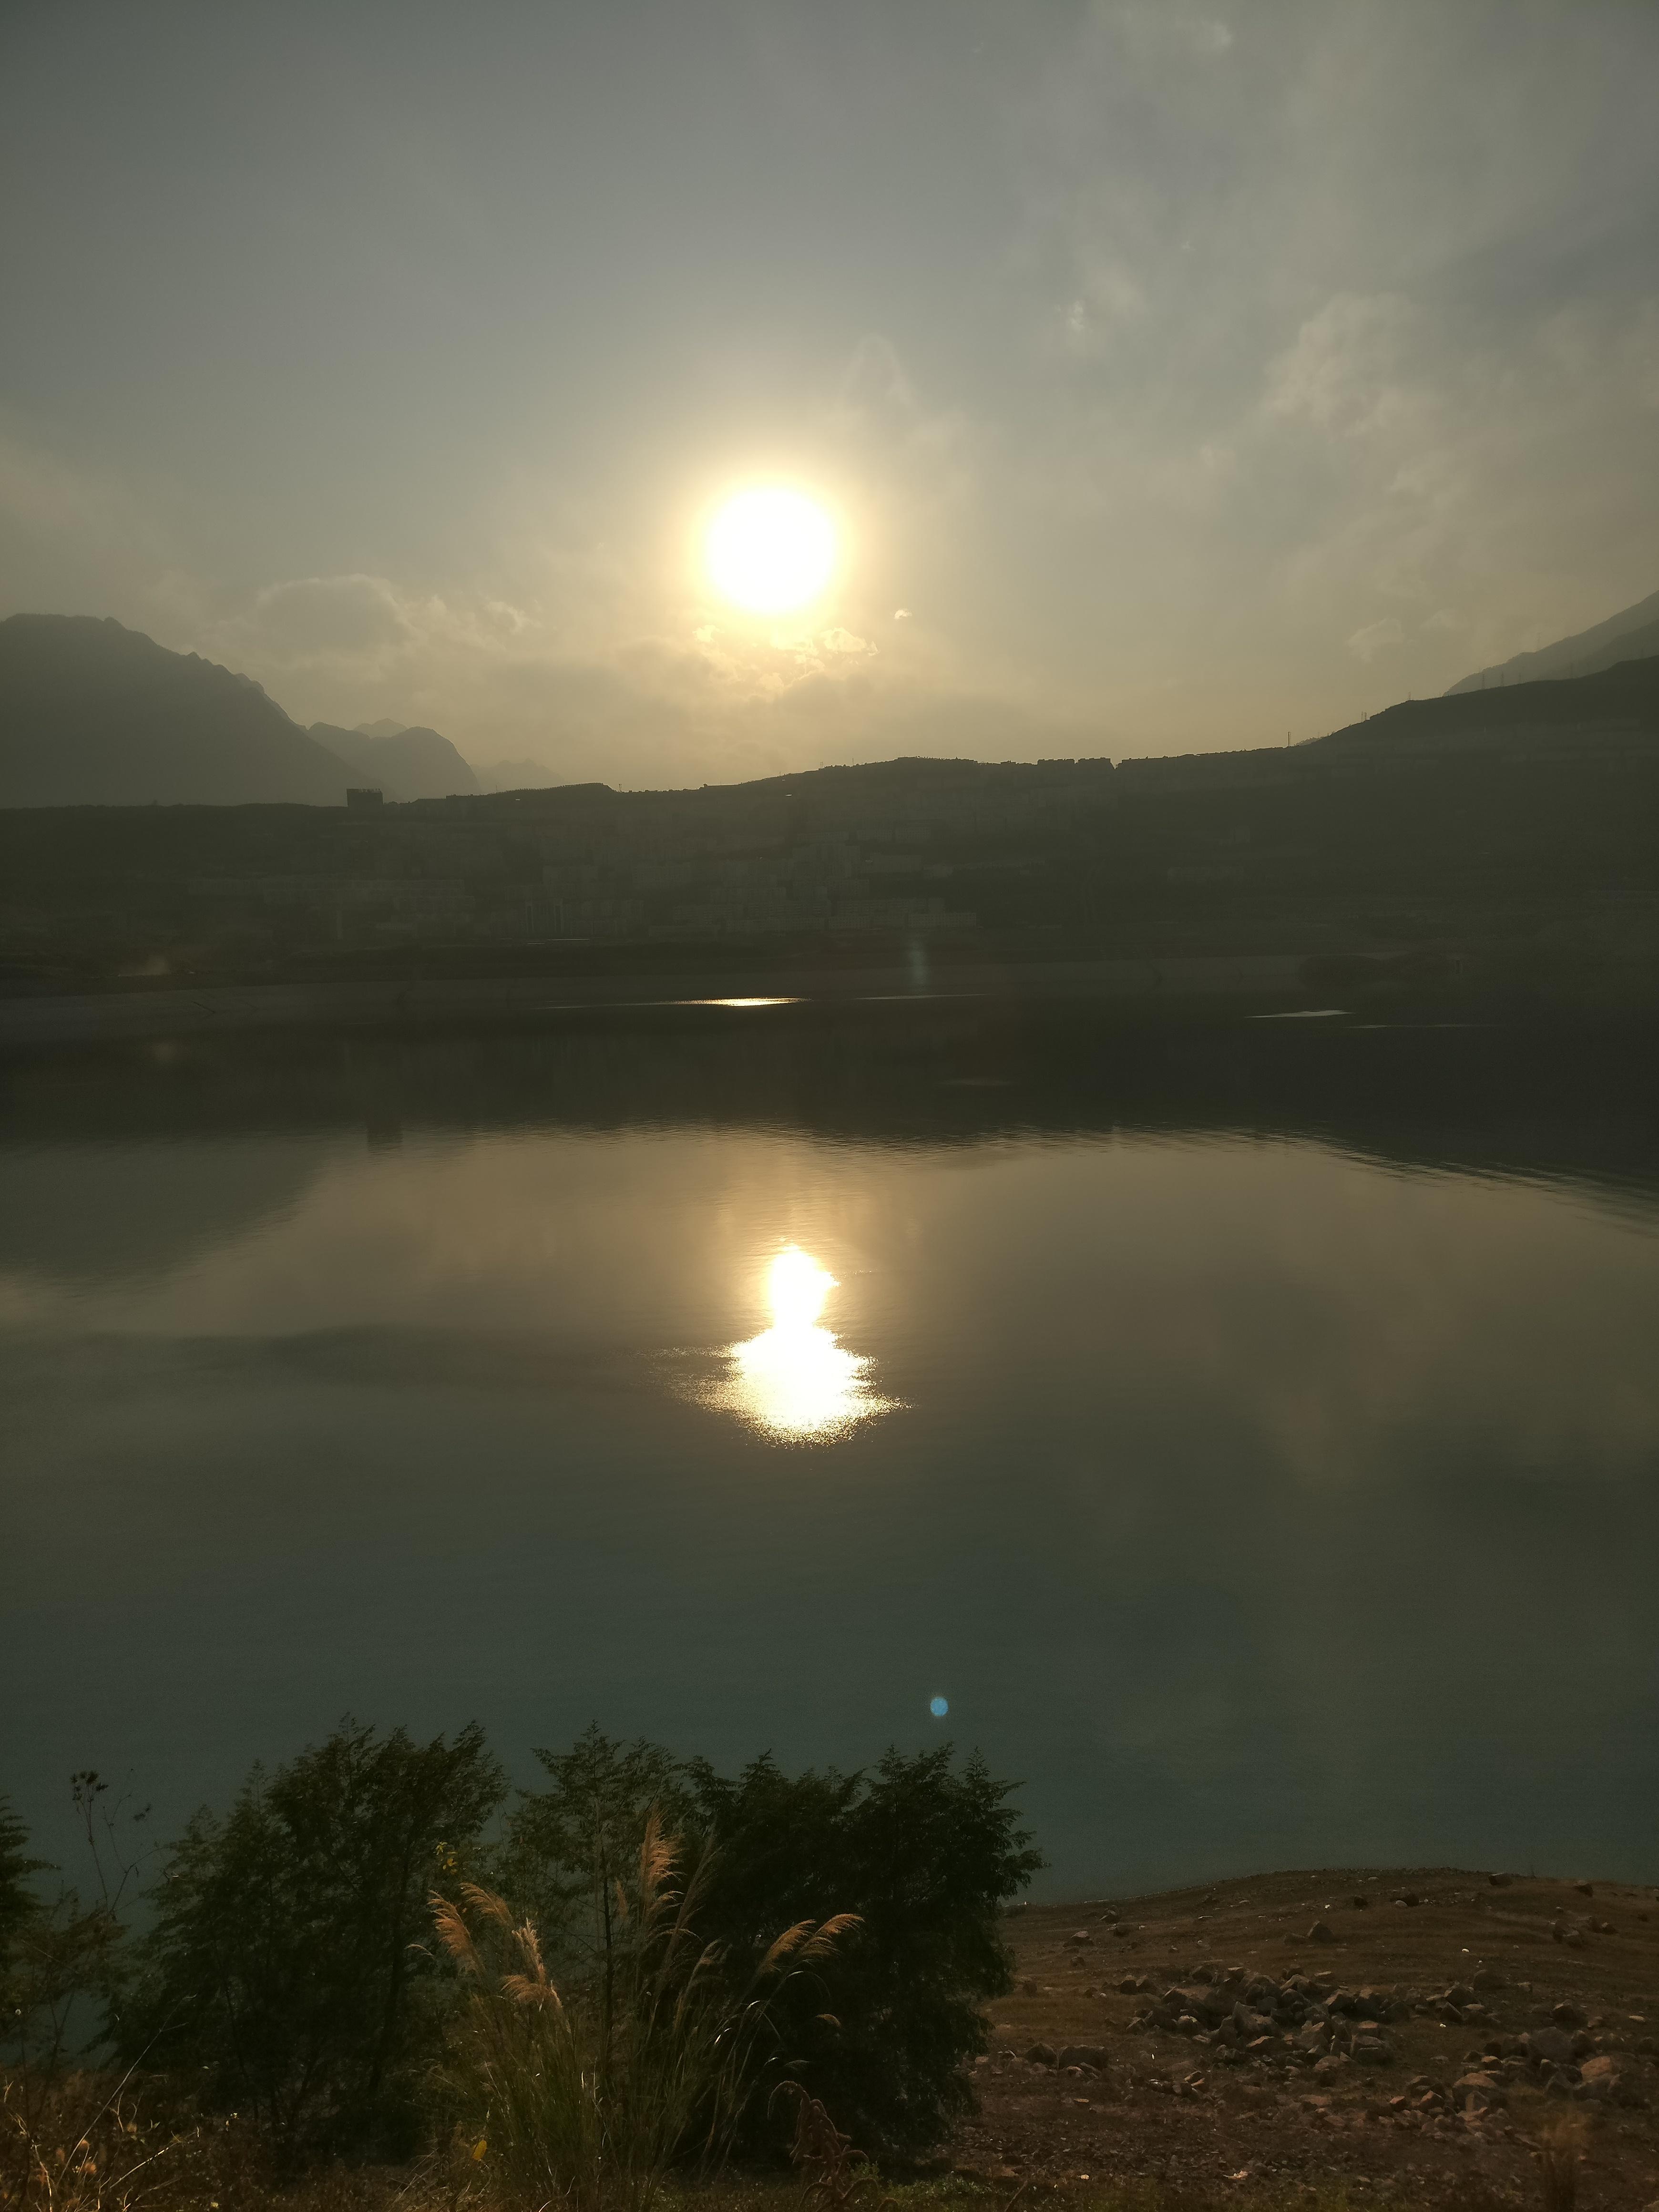 170101汉源湖边夕阳.jpg